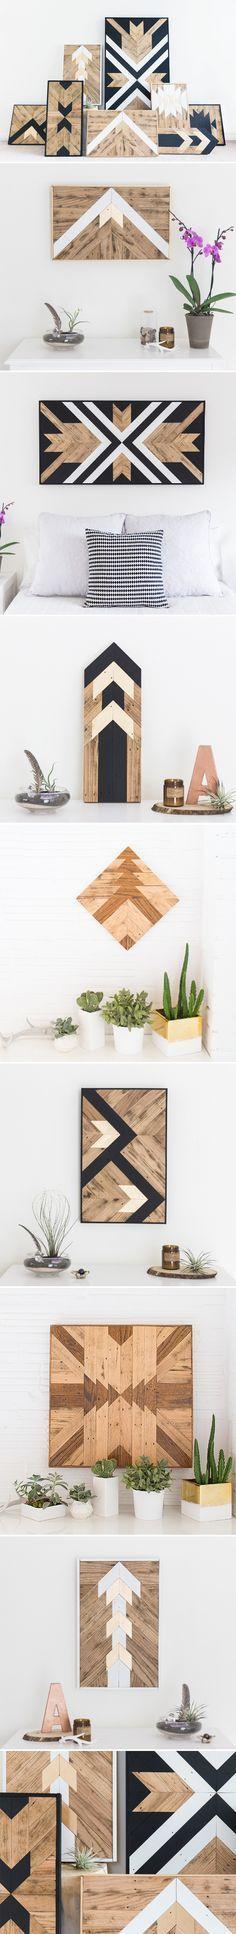 Superbes tableaux de bois recyclé!